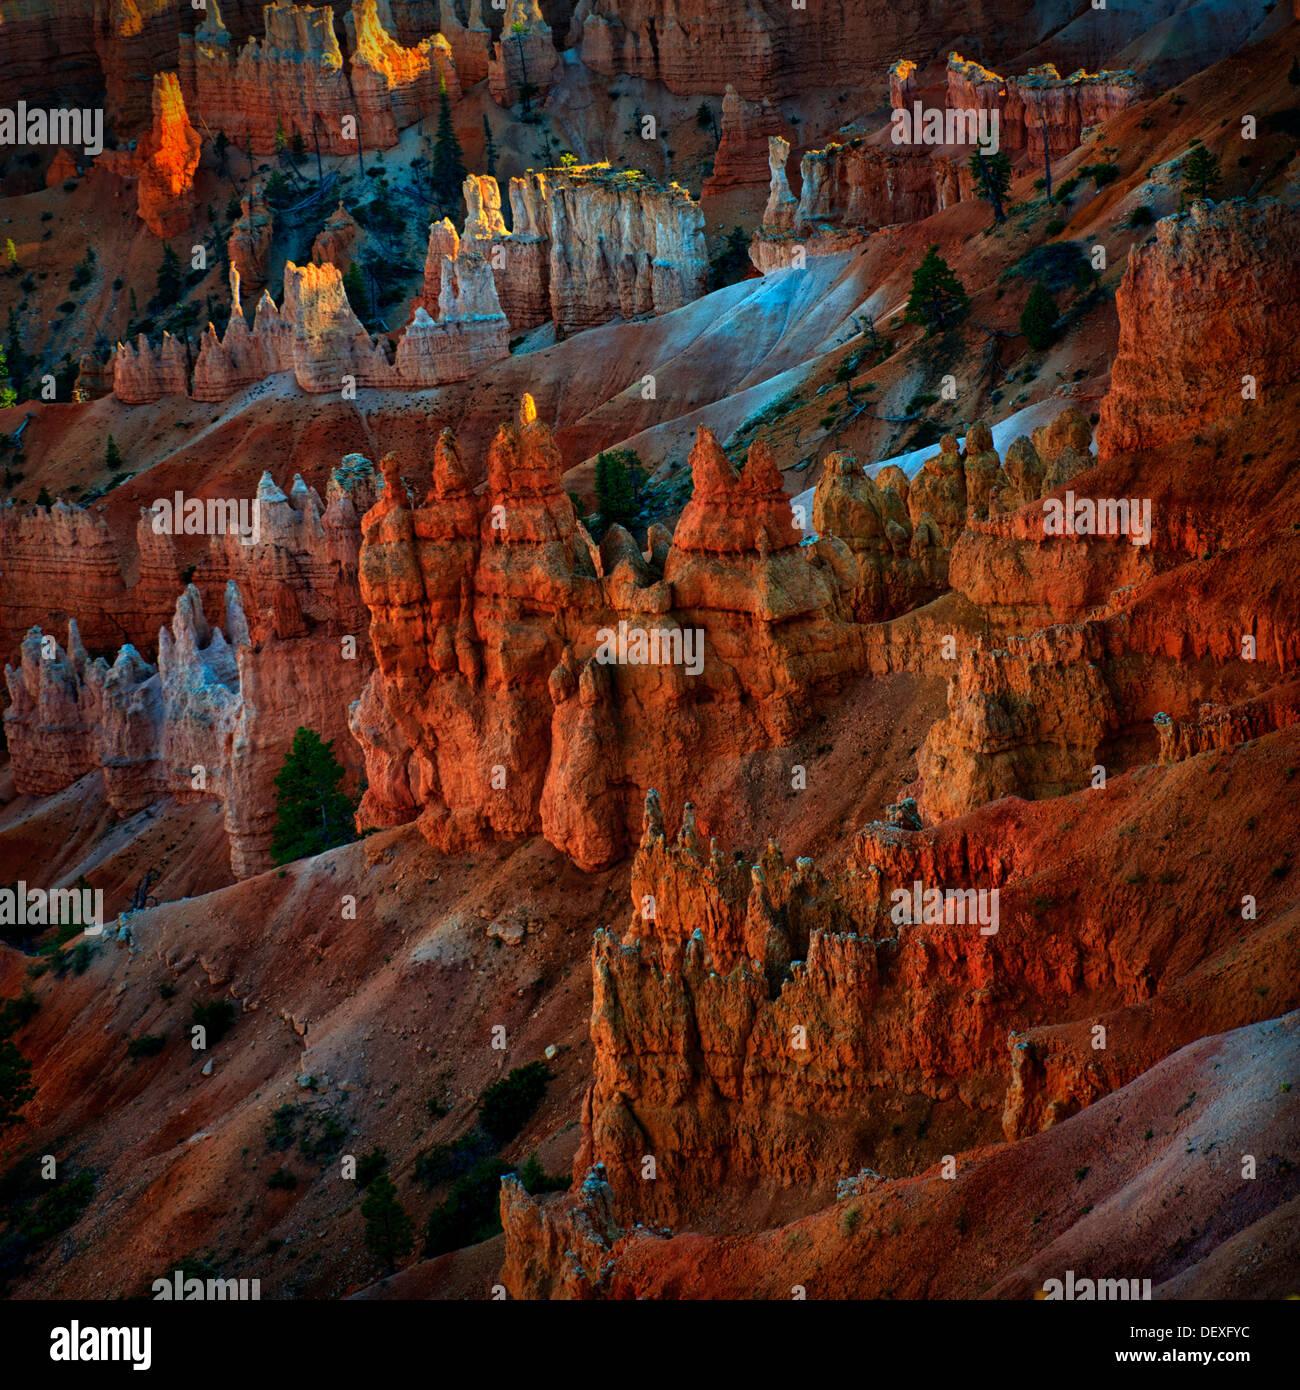 Bryce Point,Bryce Canyon National Park, de alta calidad, alta resolución, imagen en formato cuadrado Foto de stock